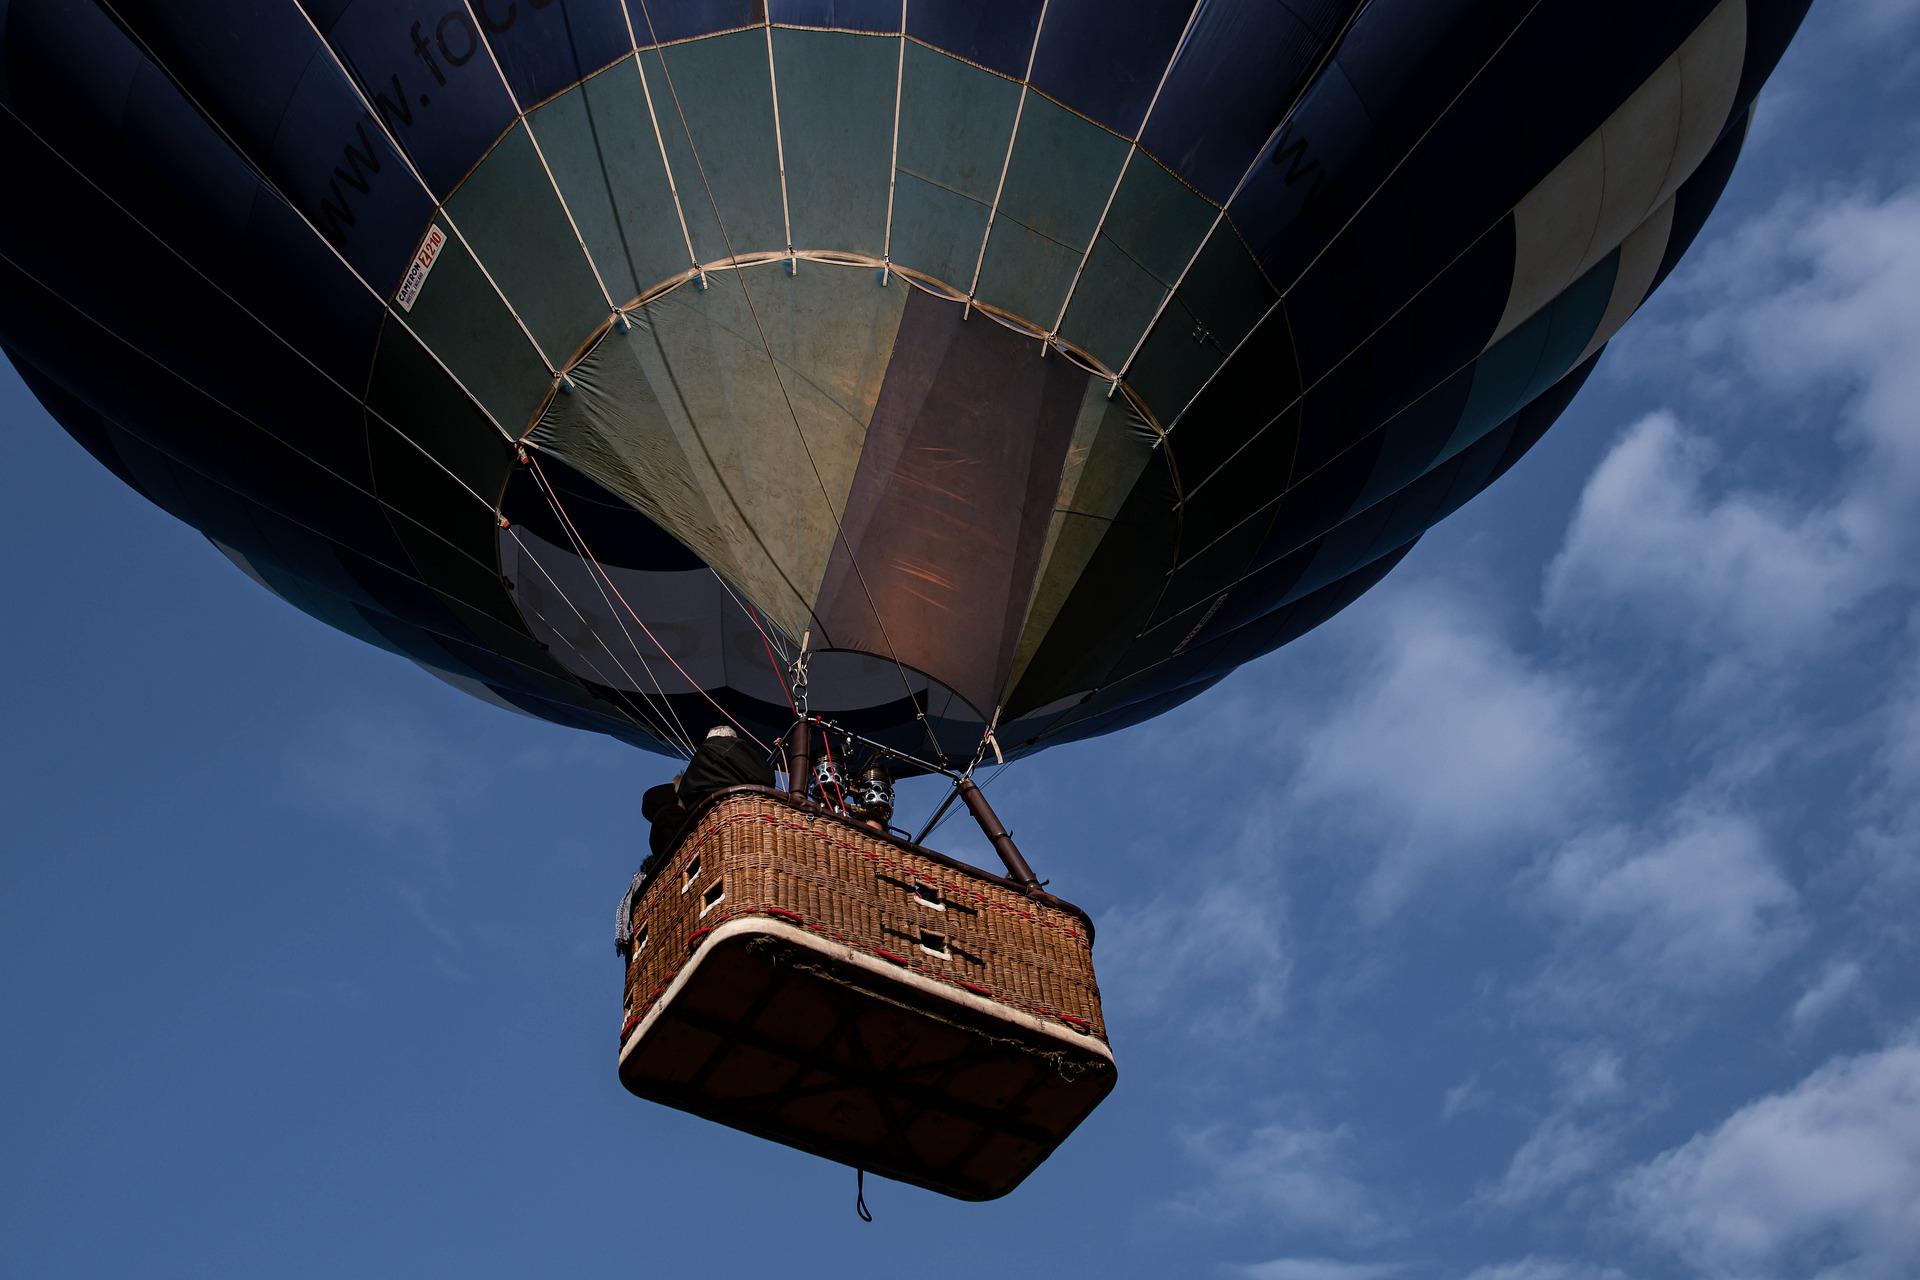 Globo aerostático en el artículo de planes inolvidables durante primavera en Burgos